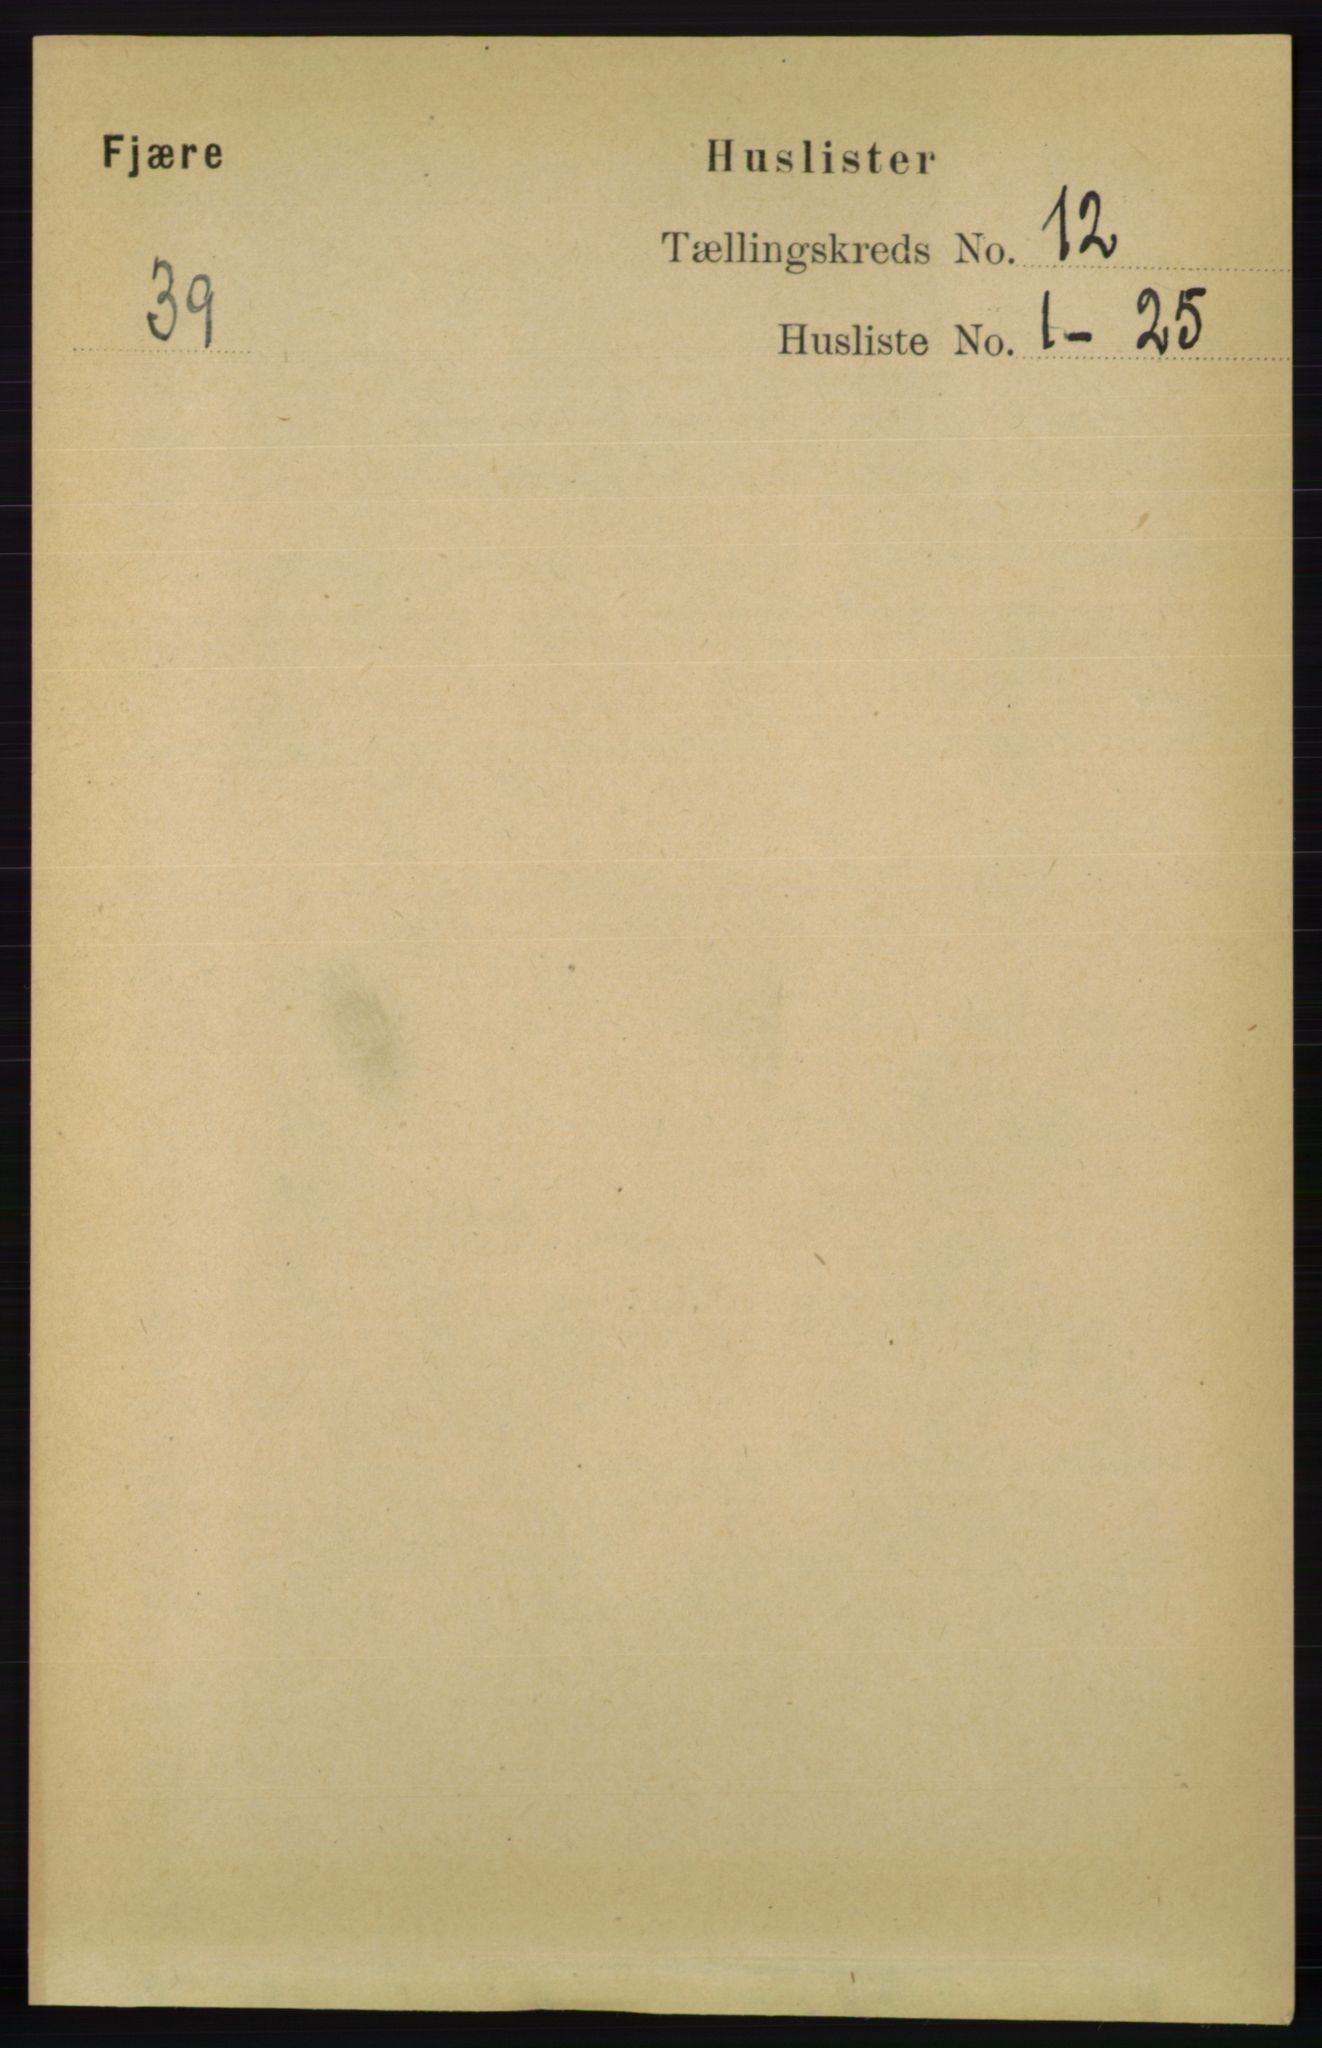 RA, Folketelling 1891 for 0923 Fjære herred, 1891, s. 5939